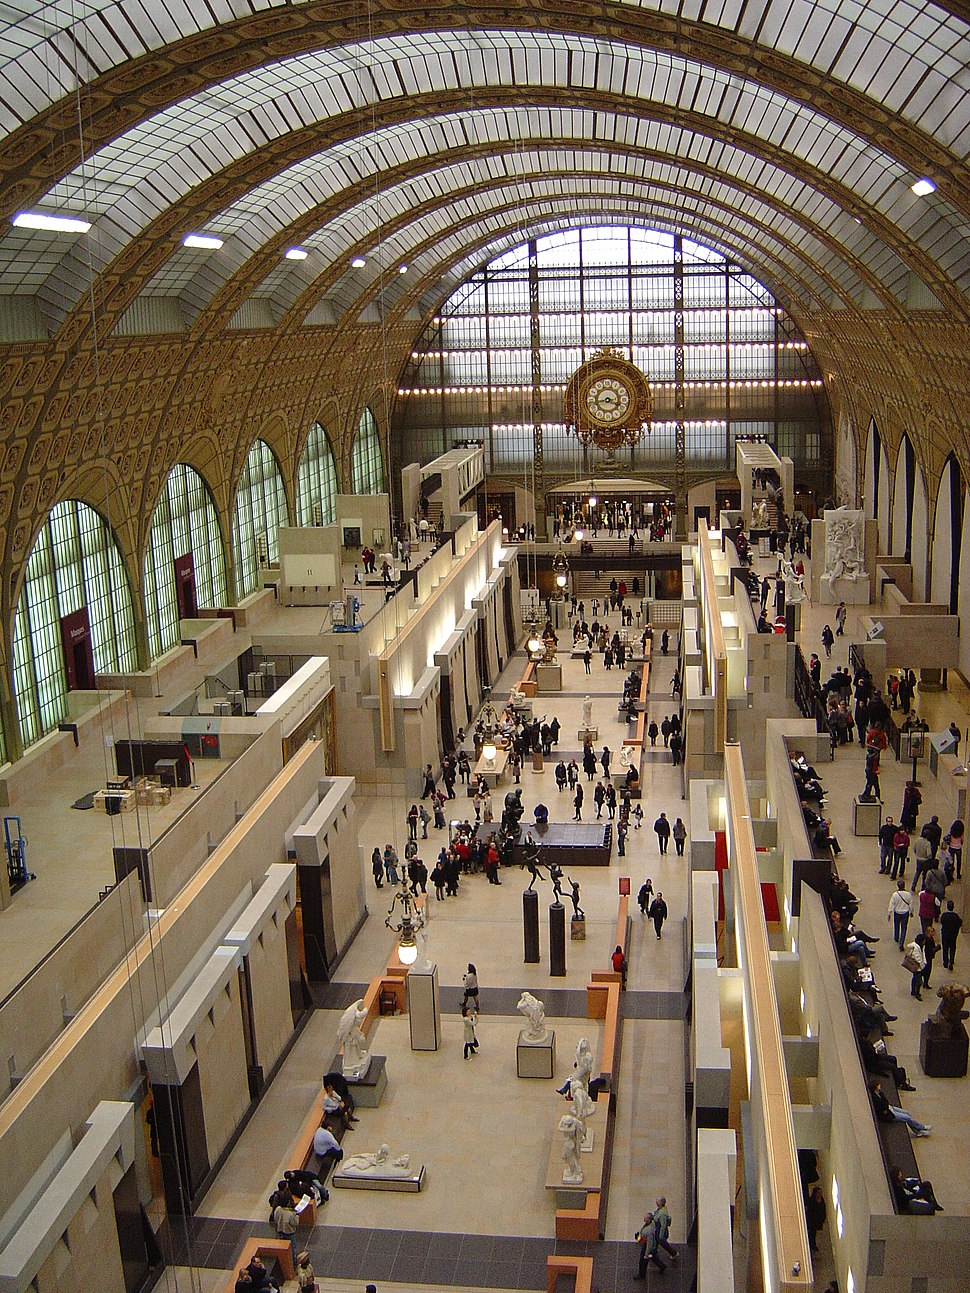 Paris Musée d'Orsay Grande nef centrale 01a